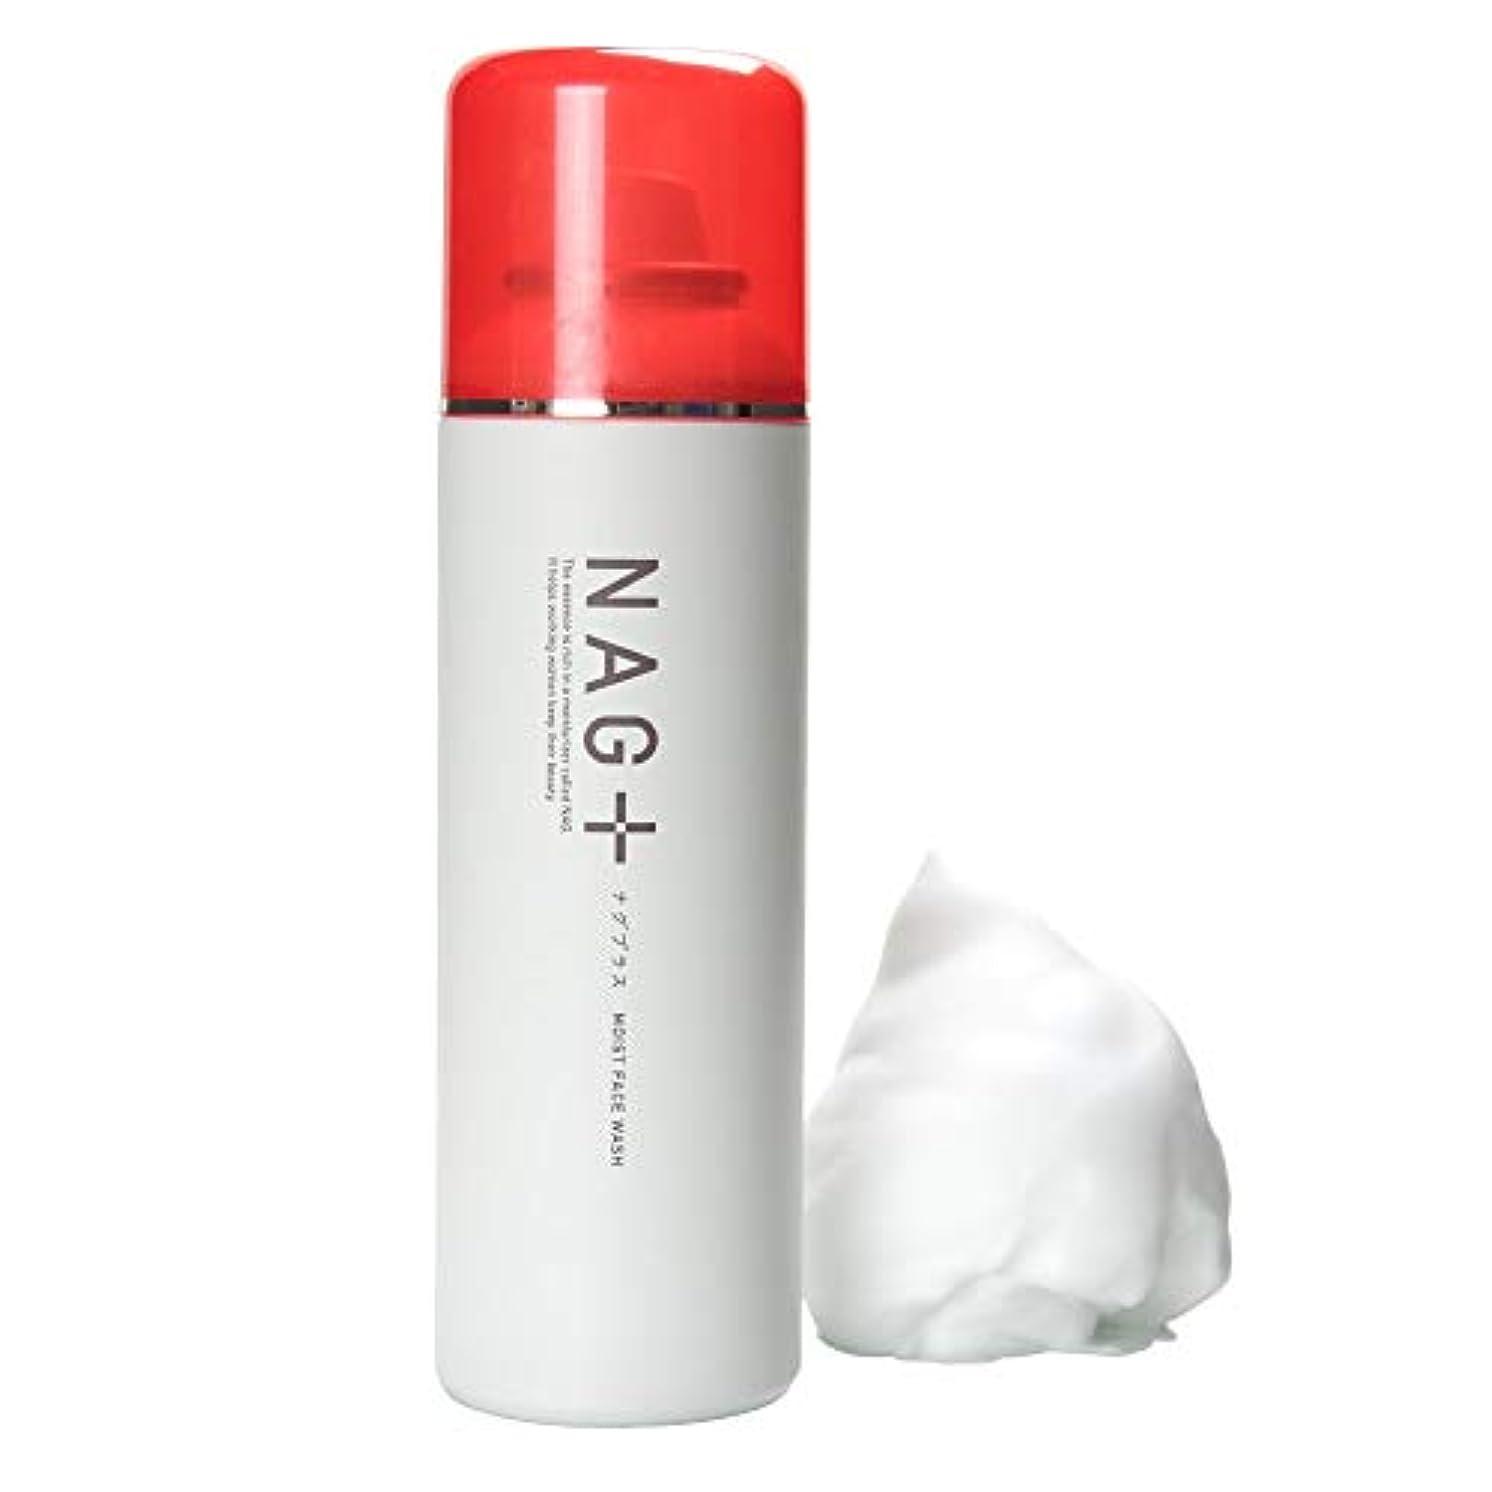 肺スノーケルベンチ保湿する泡洗顔